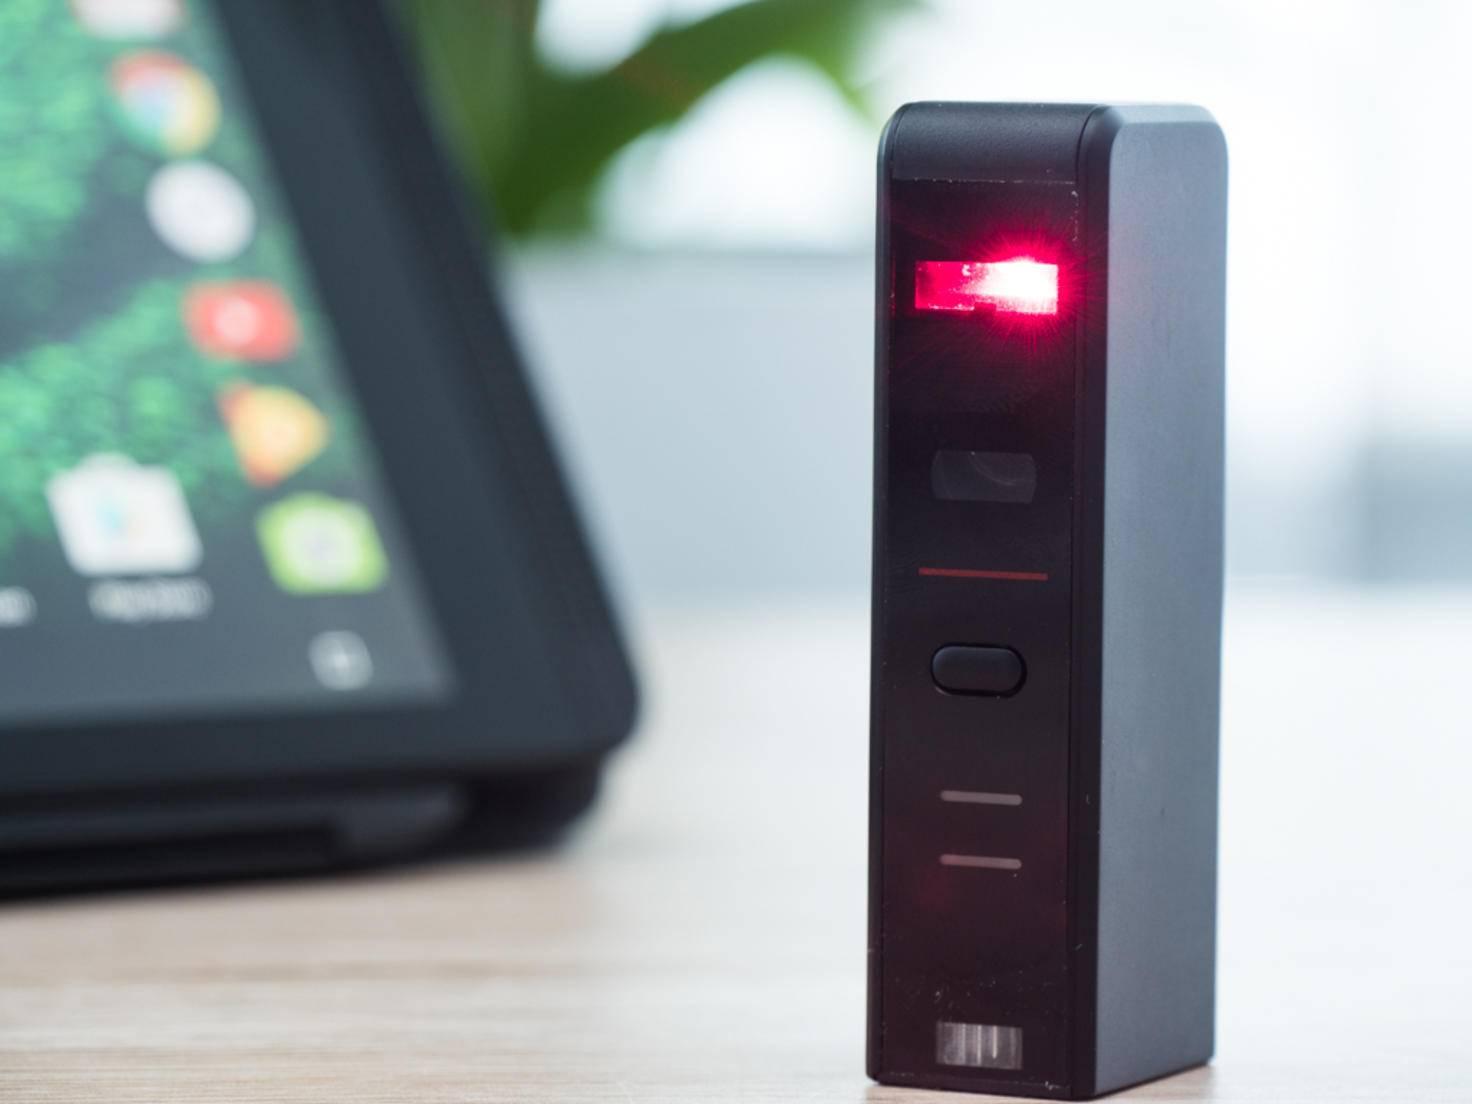 Das Gadget selbst sieht aus wie ein PC-Tower im Mini-Format.